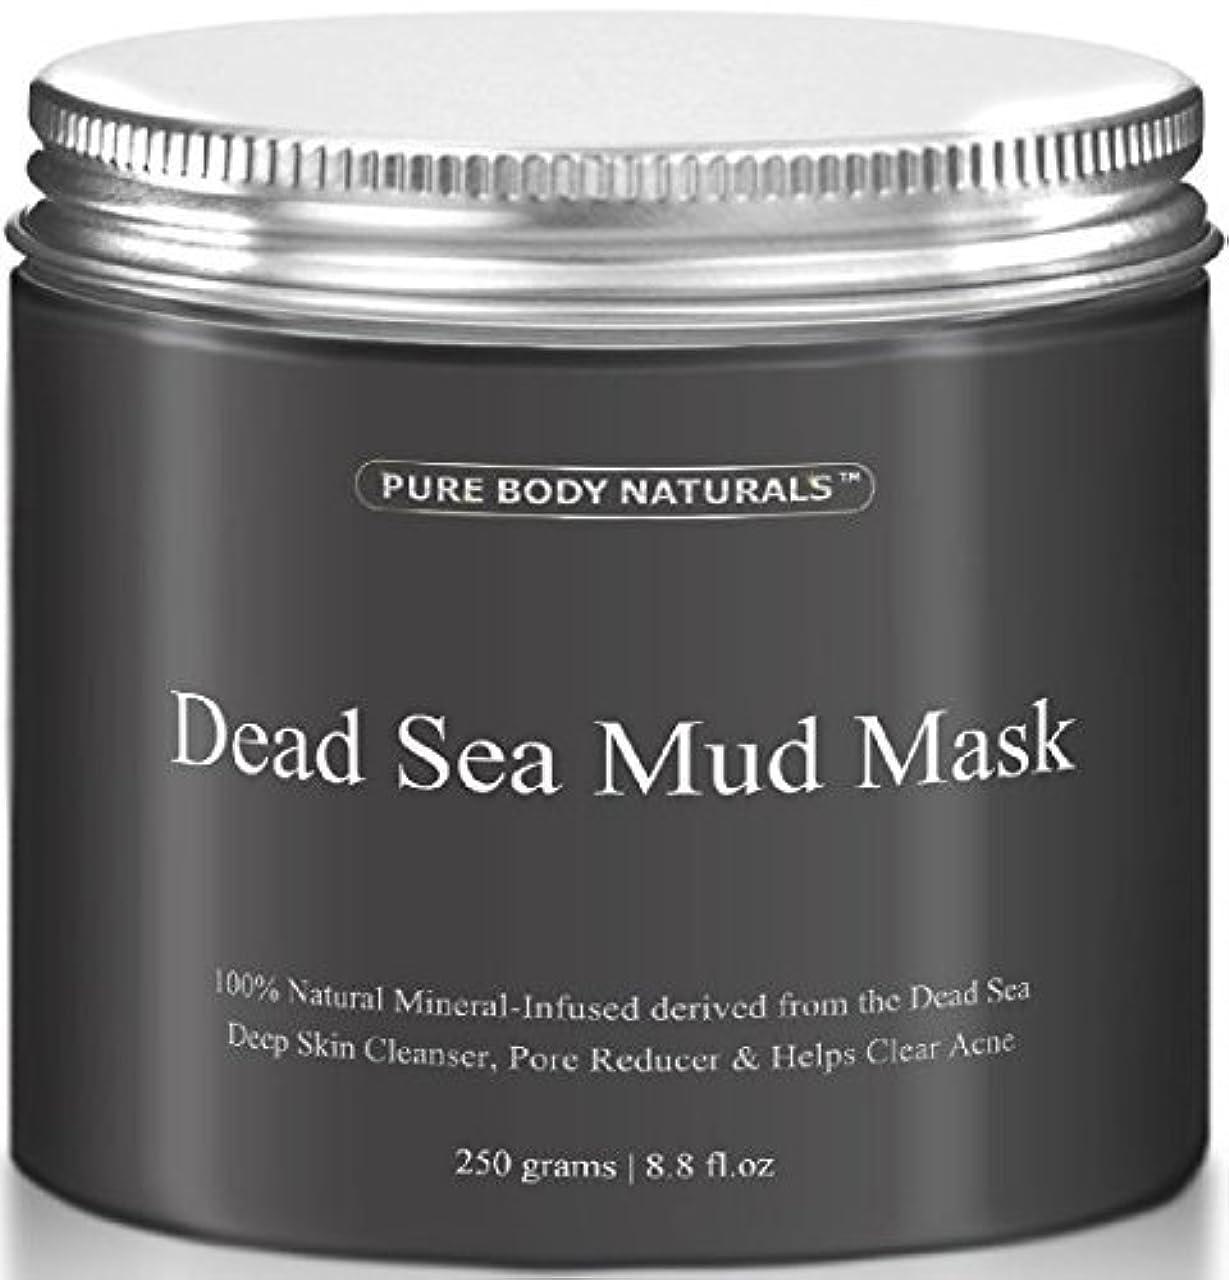 探す対処最小化するDead Sea Mud Mask 死海の泥マスク 250g [並行輸入品]